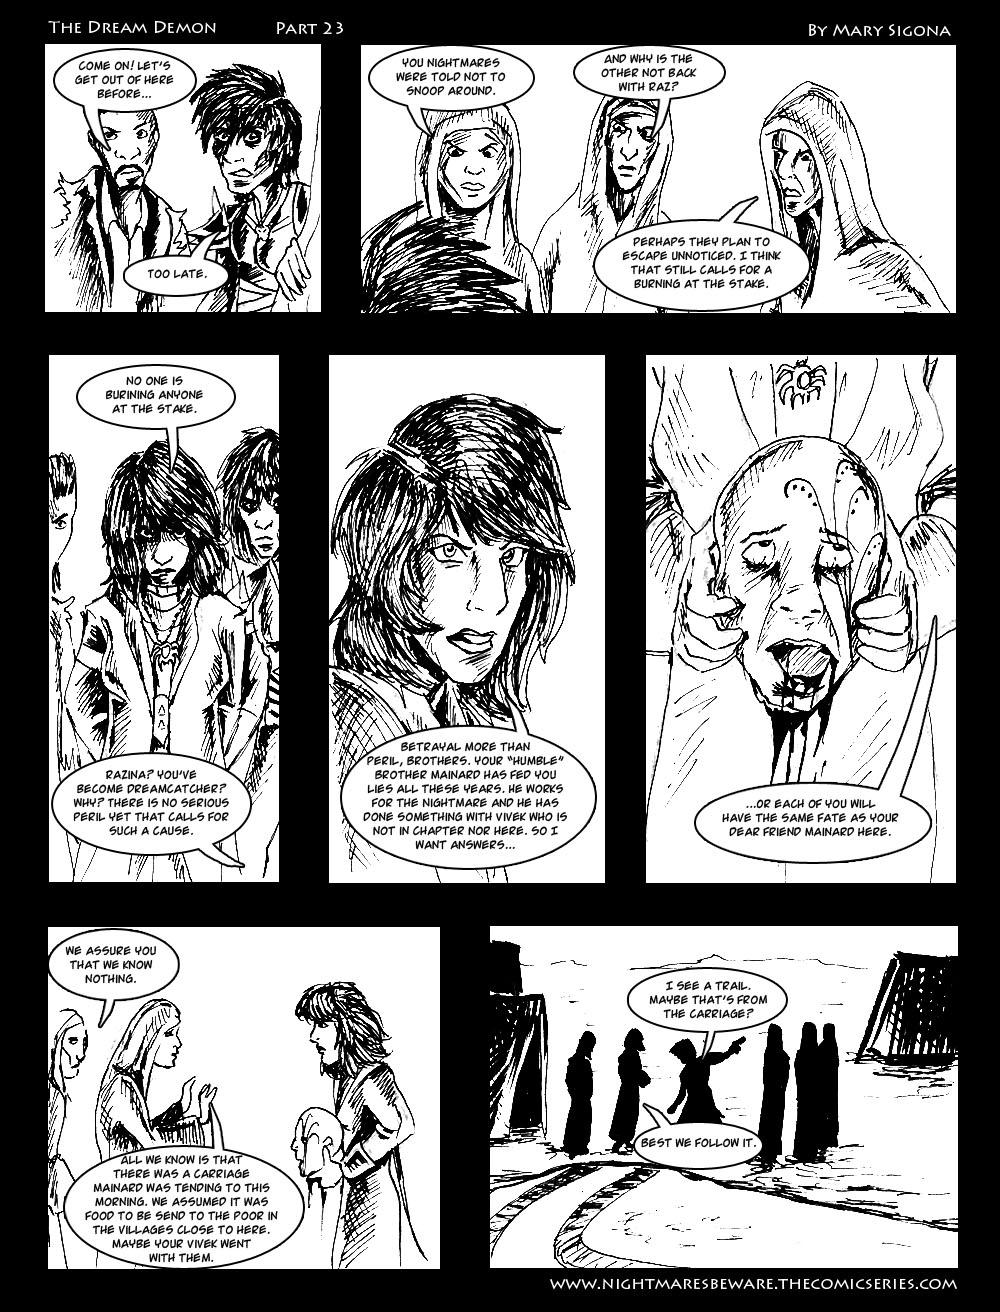 The Dream Demon (Part 23)